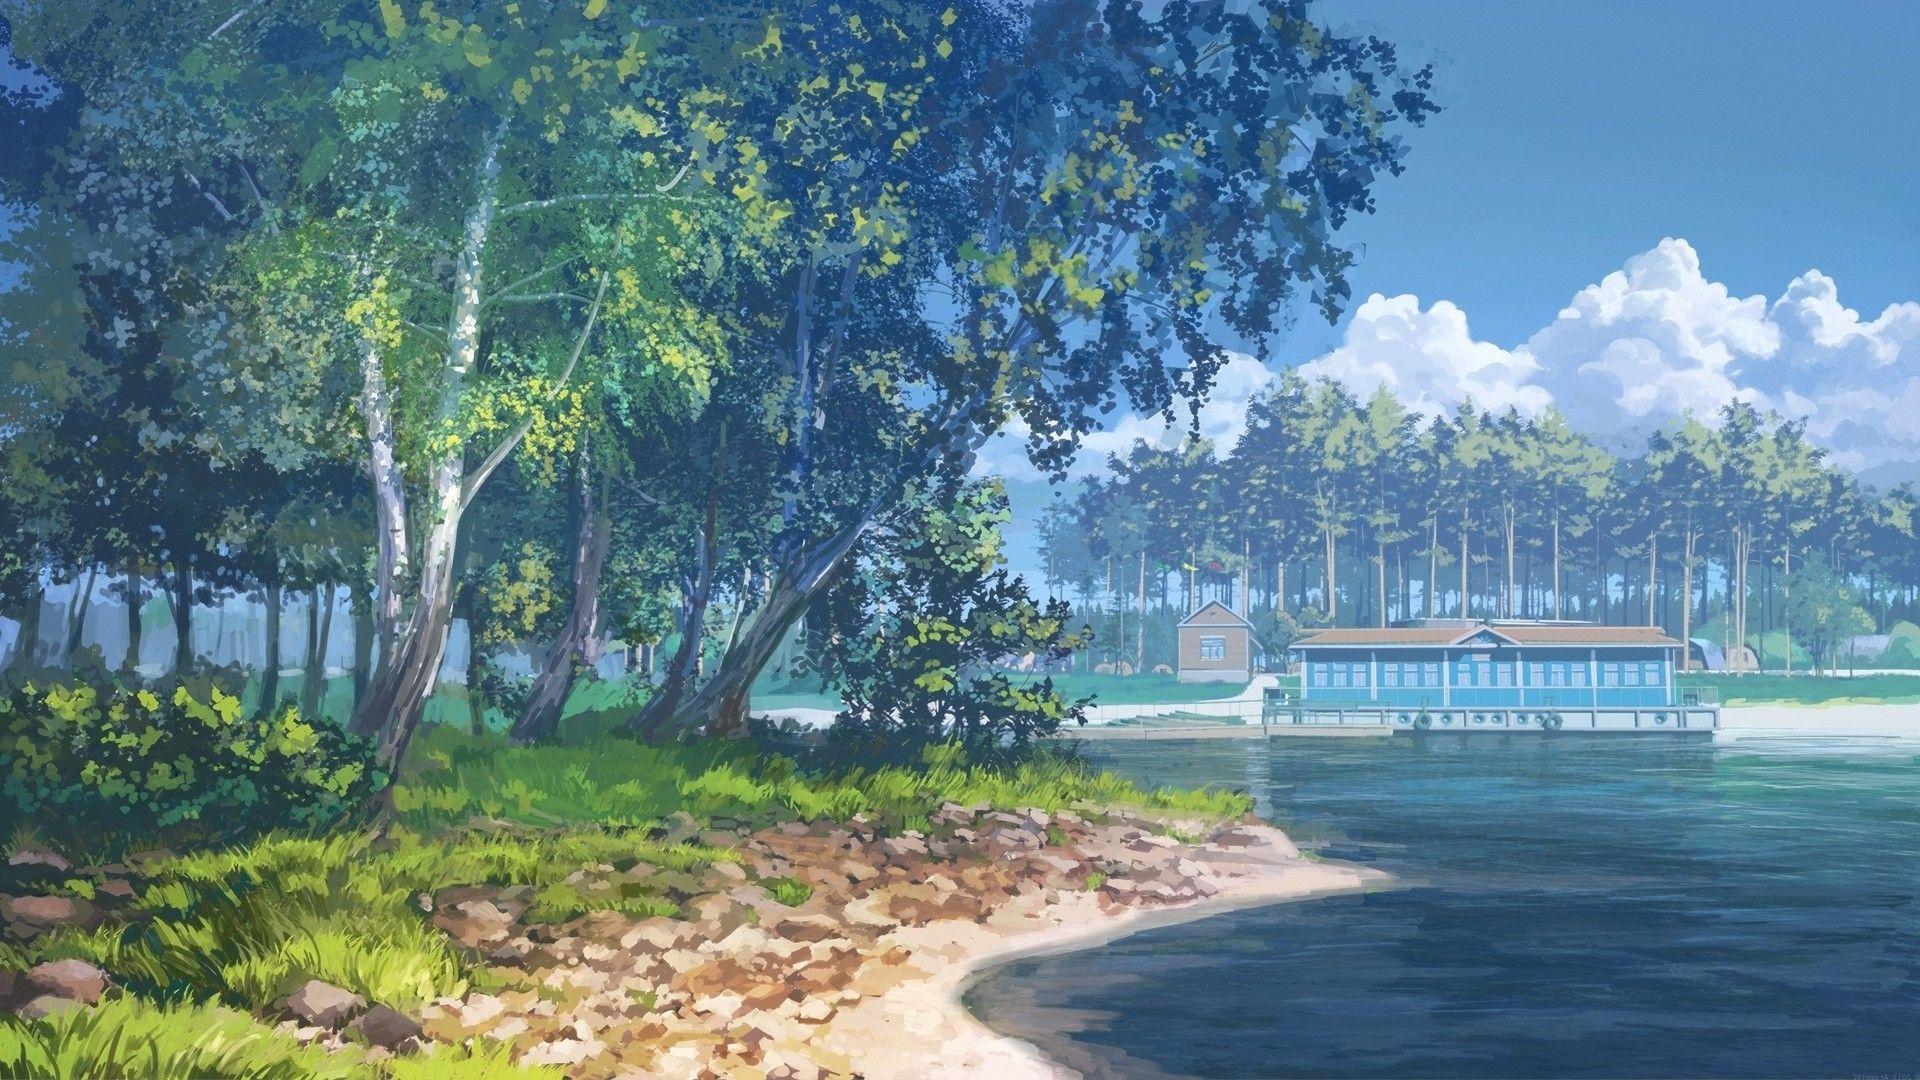 Download Wallpaper Desktop Anime Hd Di 2020